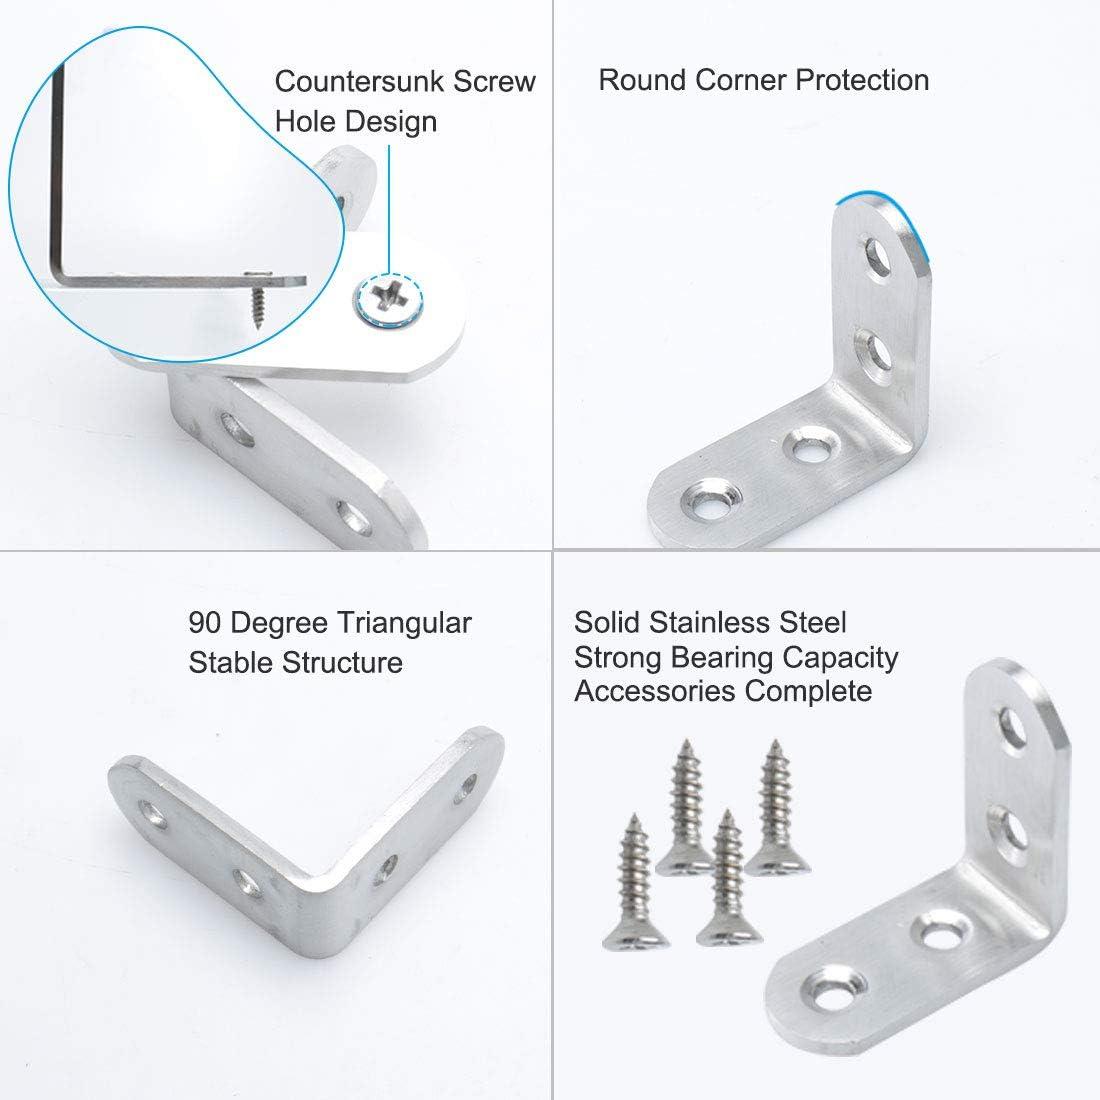 16 soportes de esquina de 28 x 28 x 35 mm de acero inoxidable con 96 tornillos de soporte de estante de metal de 90 grados de /ángulo recto de soporte de esquina color plateado